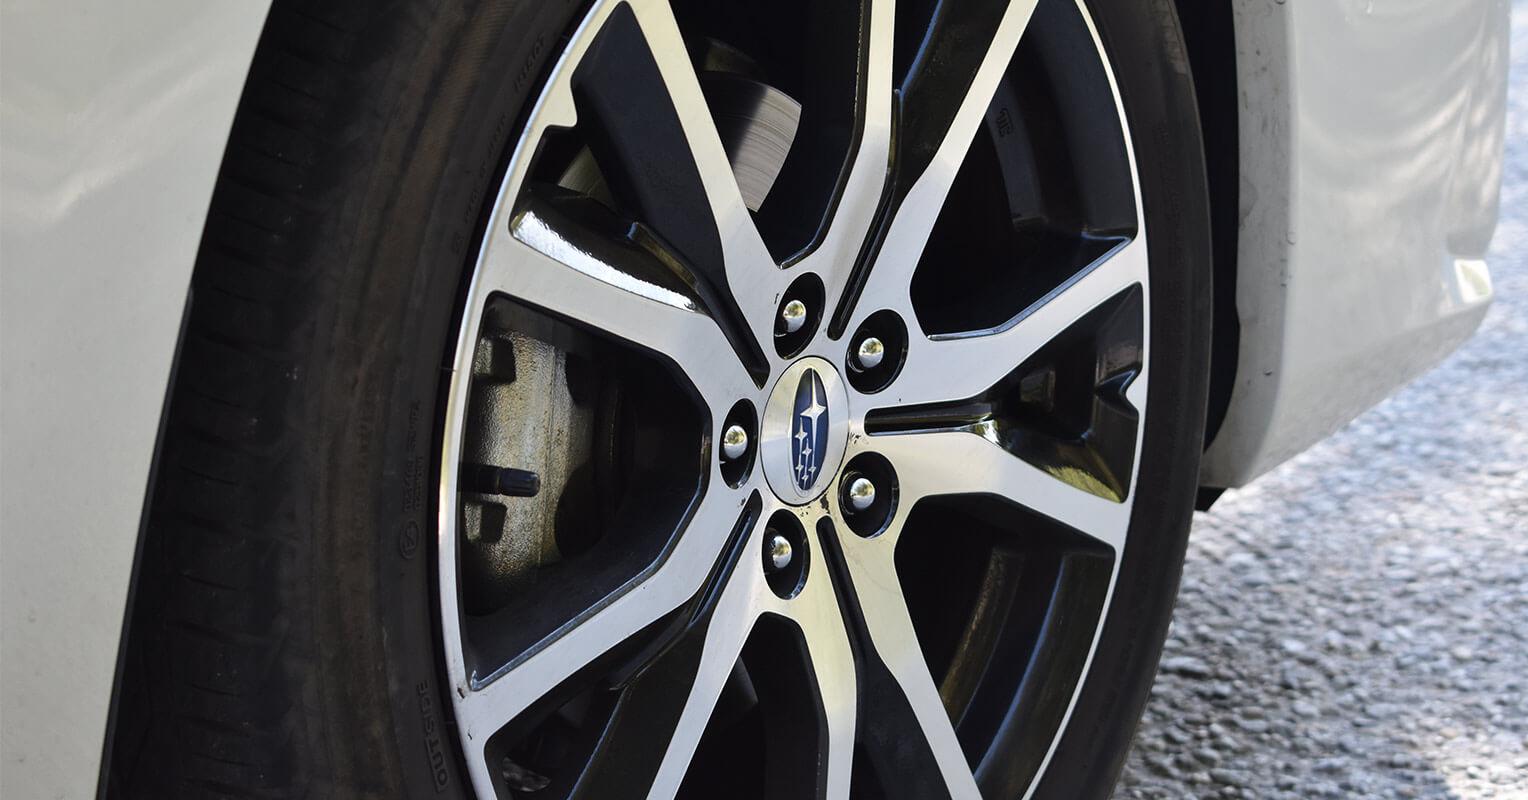 Llantas de aleación del Subaru Impreza 2018